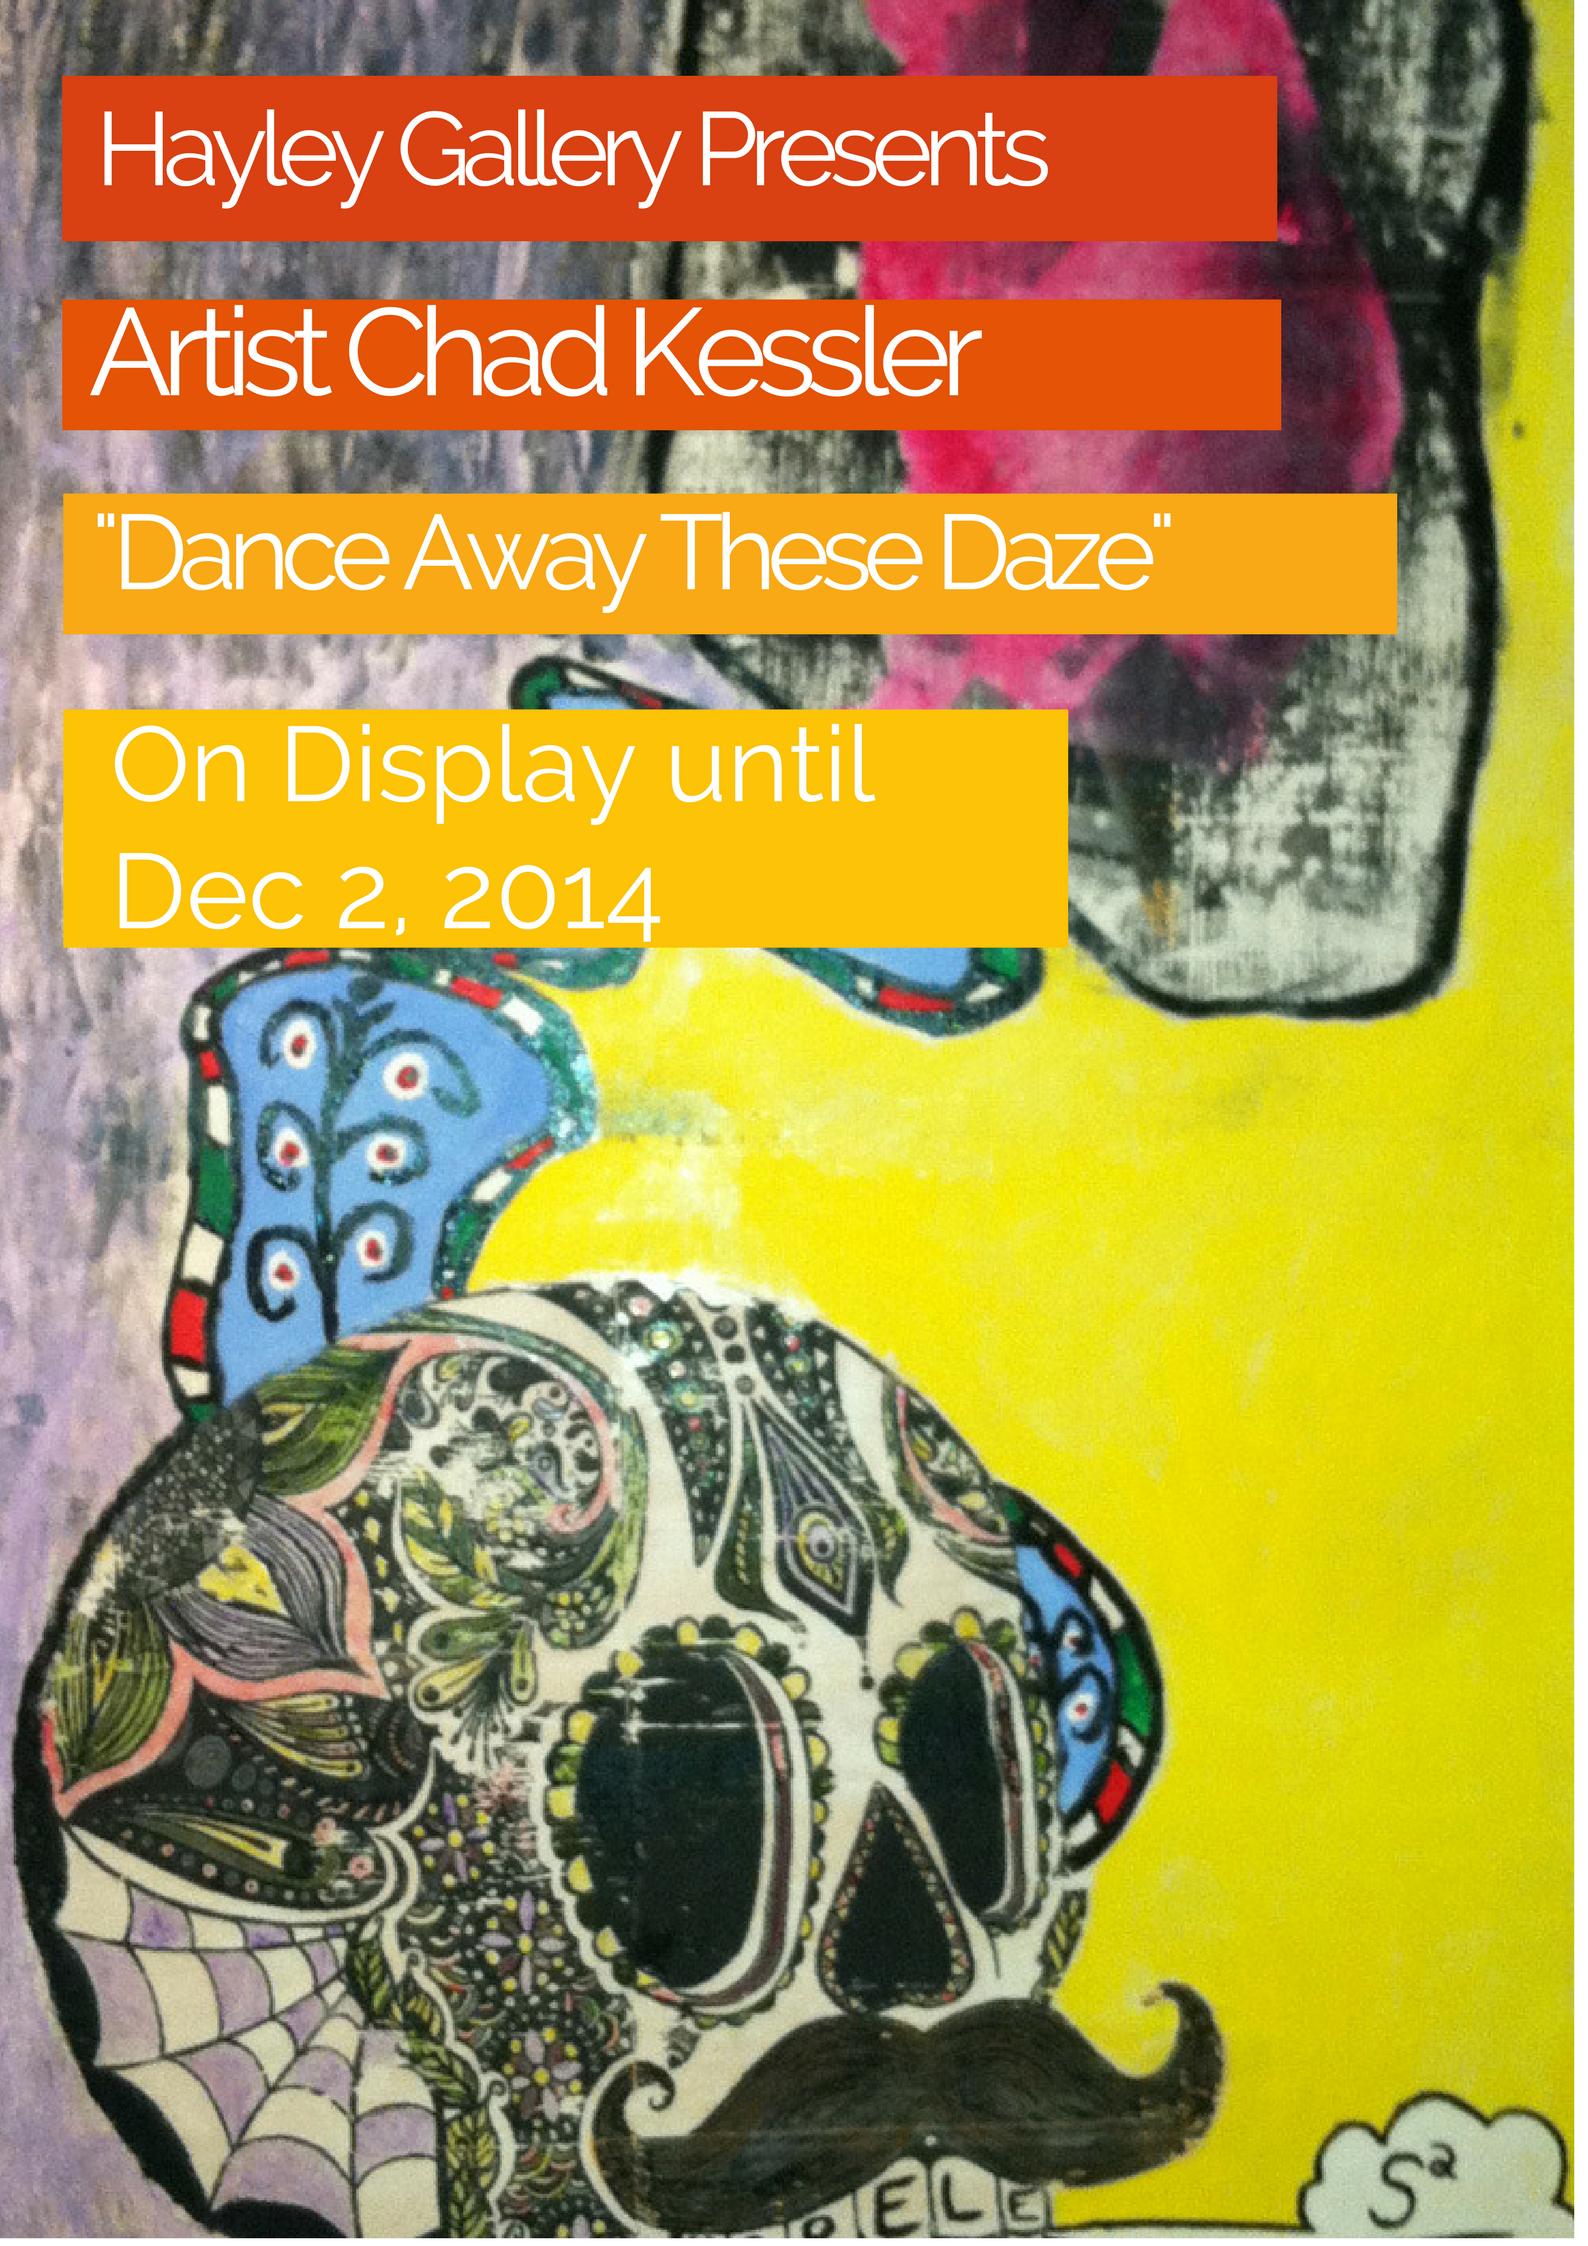 Chad Kessler on display Dec 2014.png